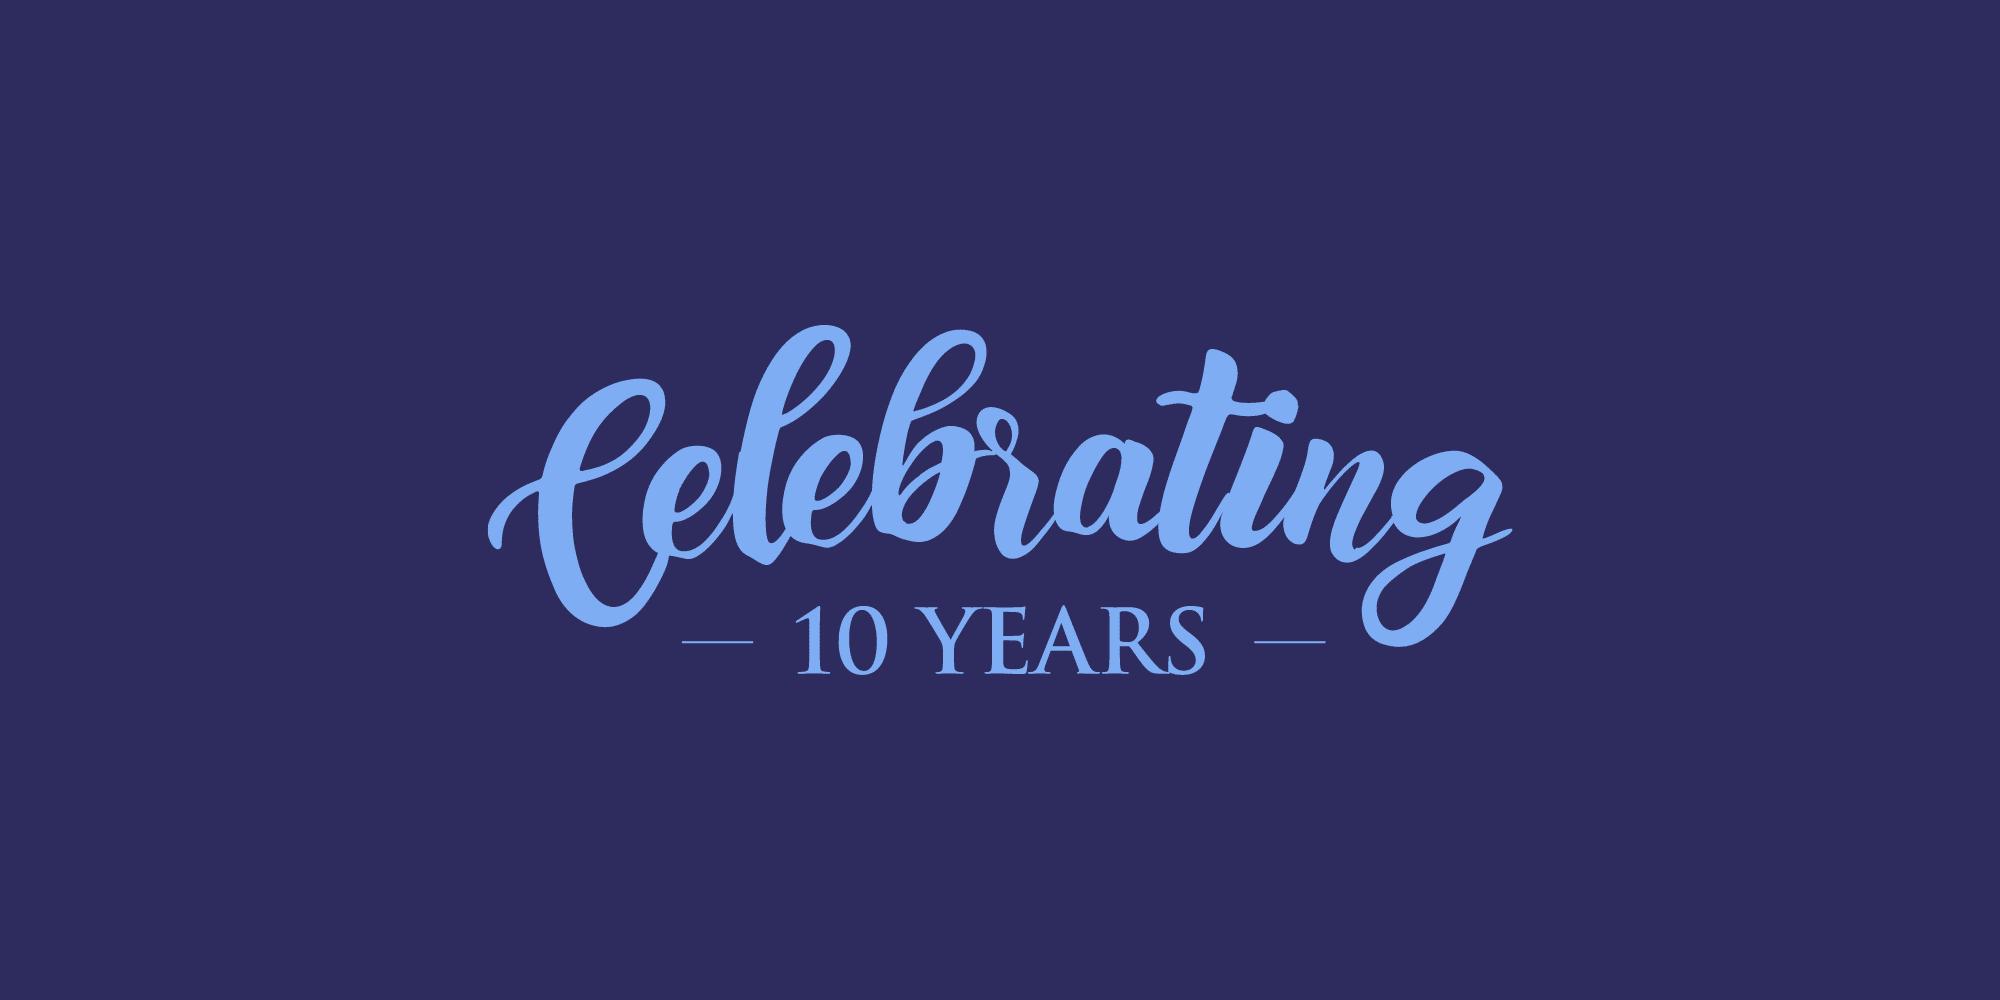 10-year-anniversary-gift